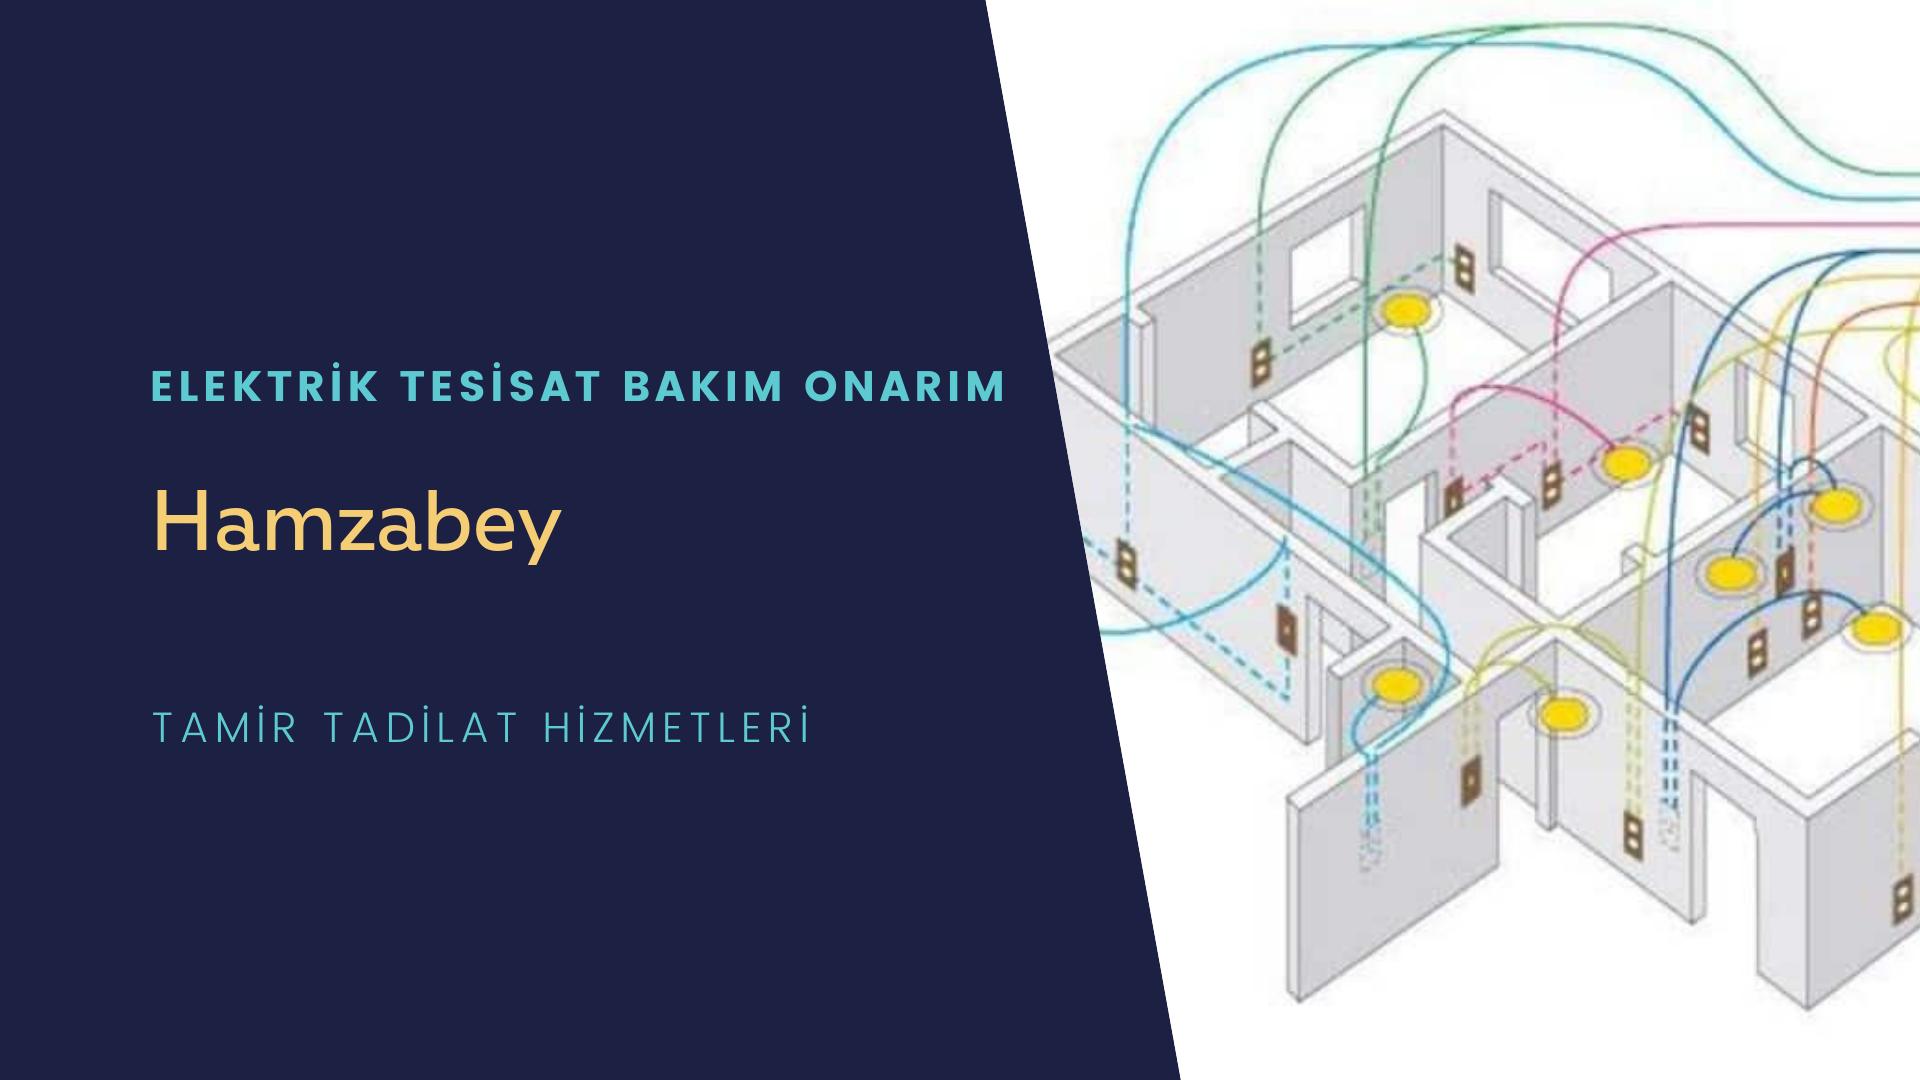 Hamzabey   elektrik tesisatıustalarımı arıyorsunuz doğru adrestenizi Hamzabey  elektrik tesisatı ustalarımız 7/24 sizlere hizmet vermekten mutluluk duyar.